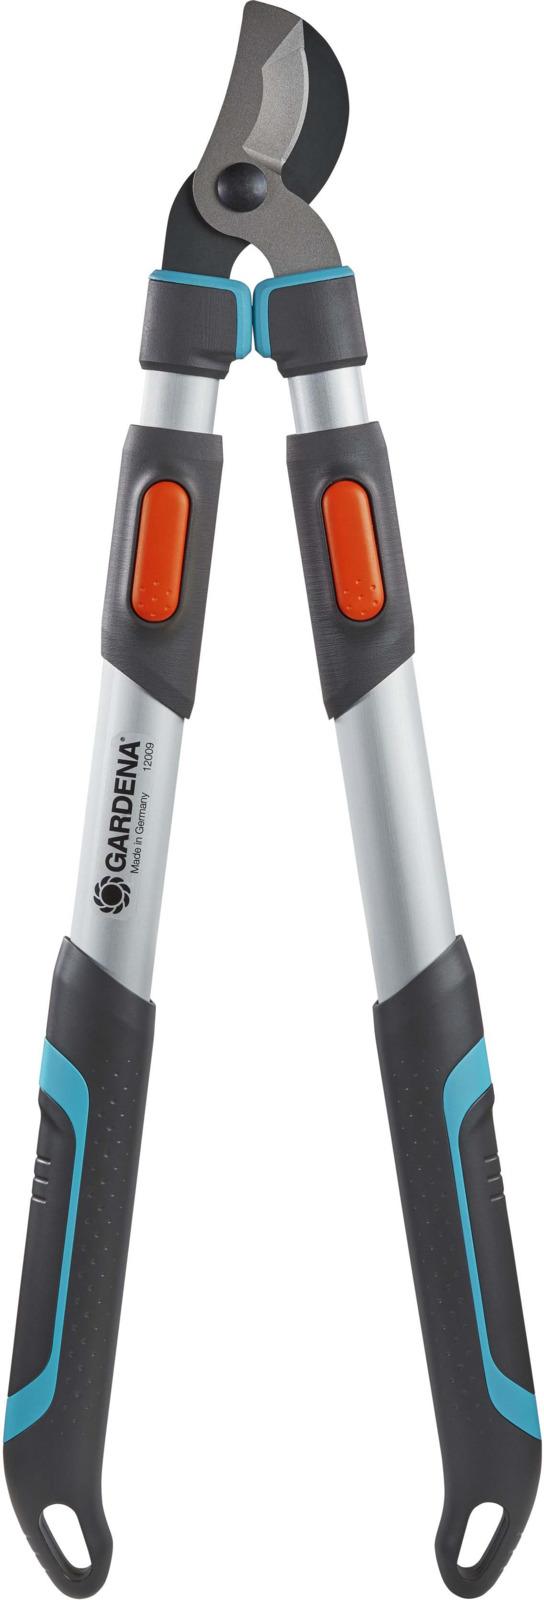 Сучкорез Gardena TeleCut 650-900 B, 12009-20.000.00, бирюзовый, серый, оранжевый